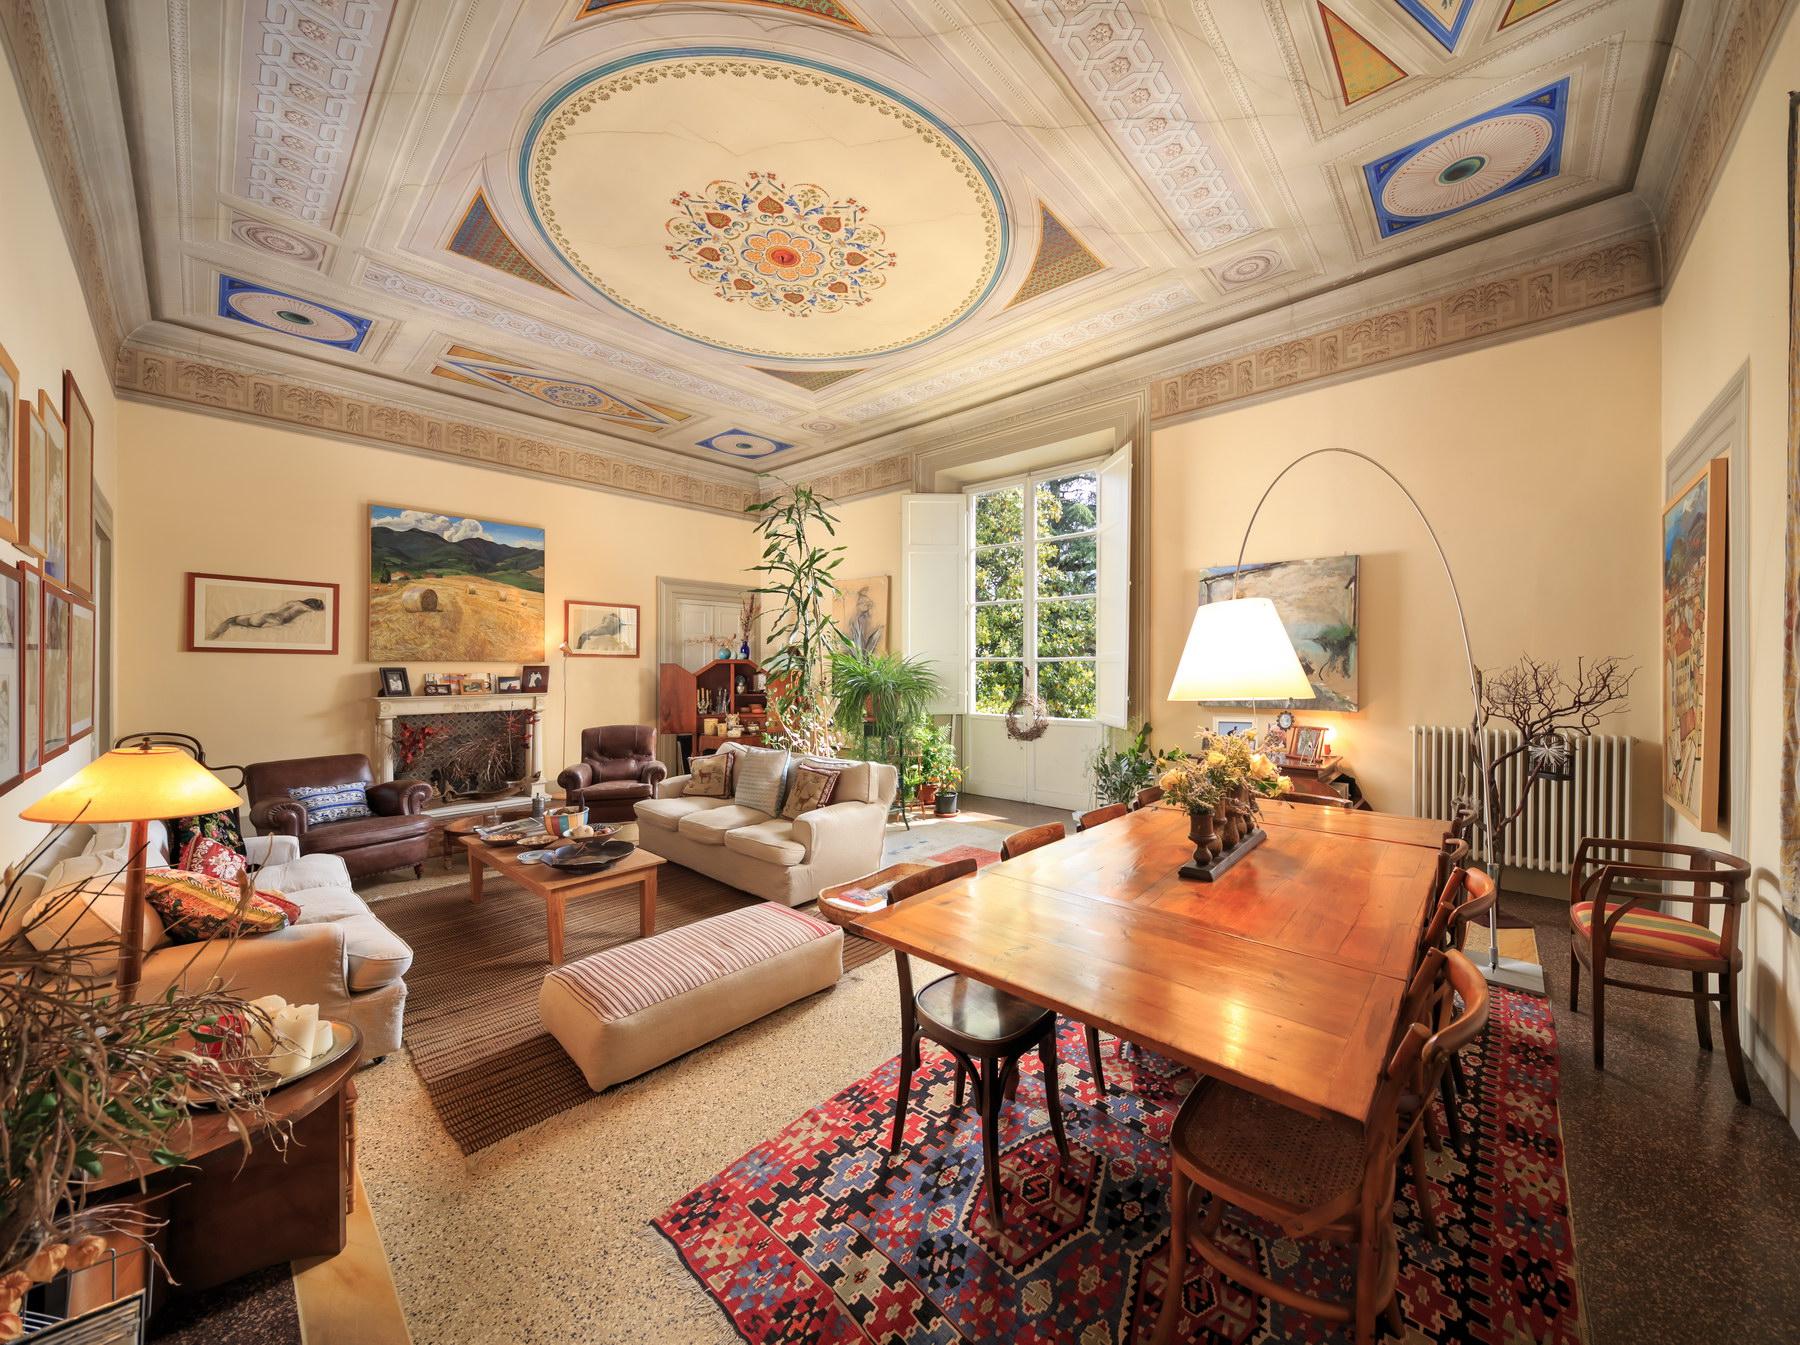 Appartement élégant dans le centre historique de Lucca